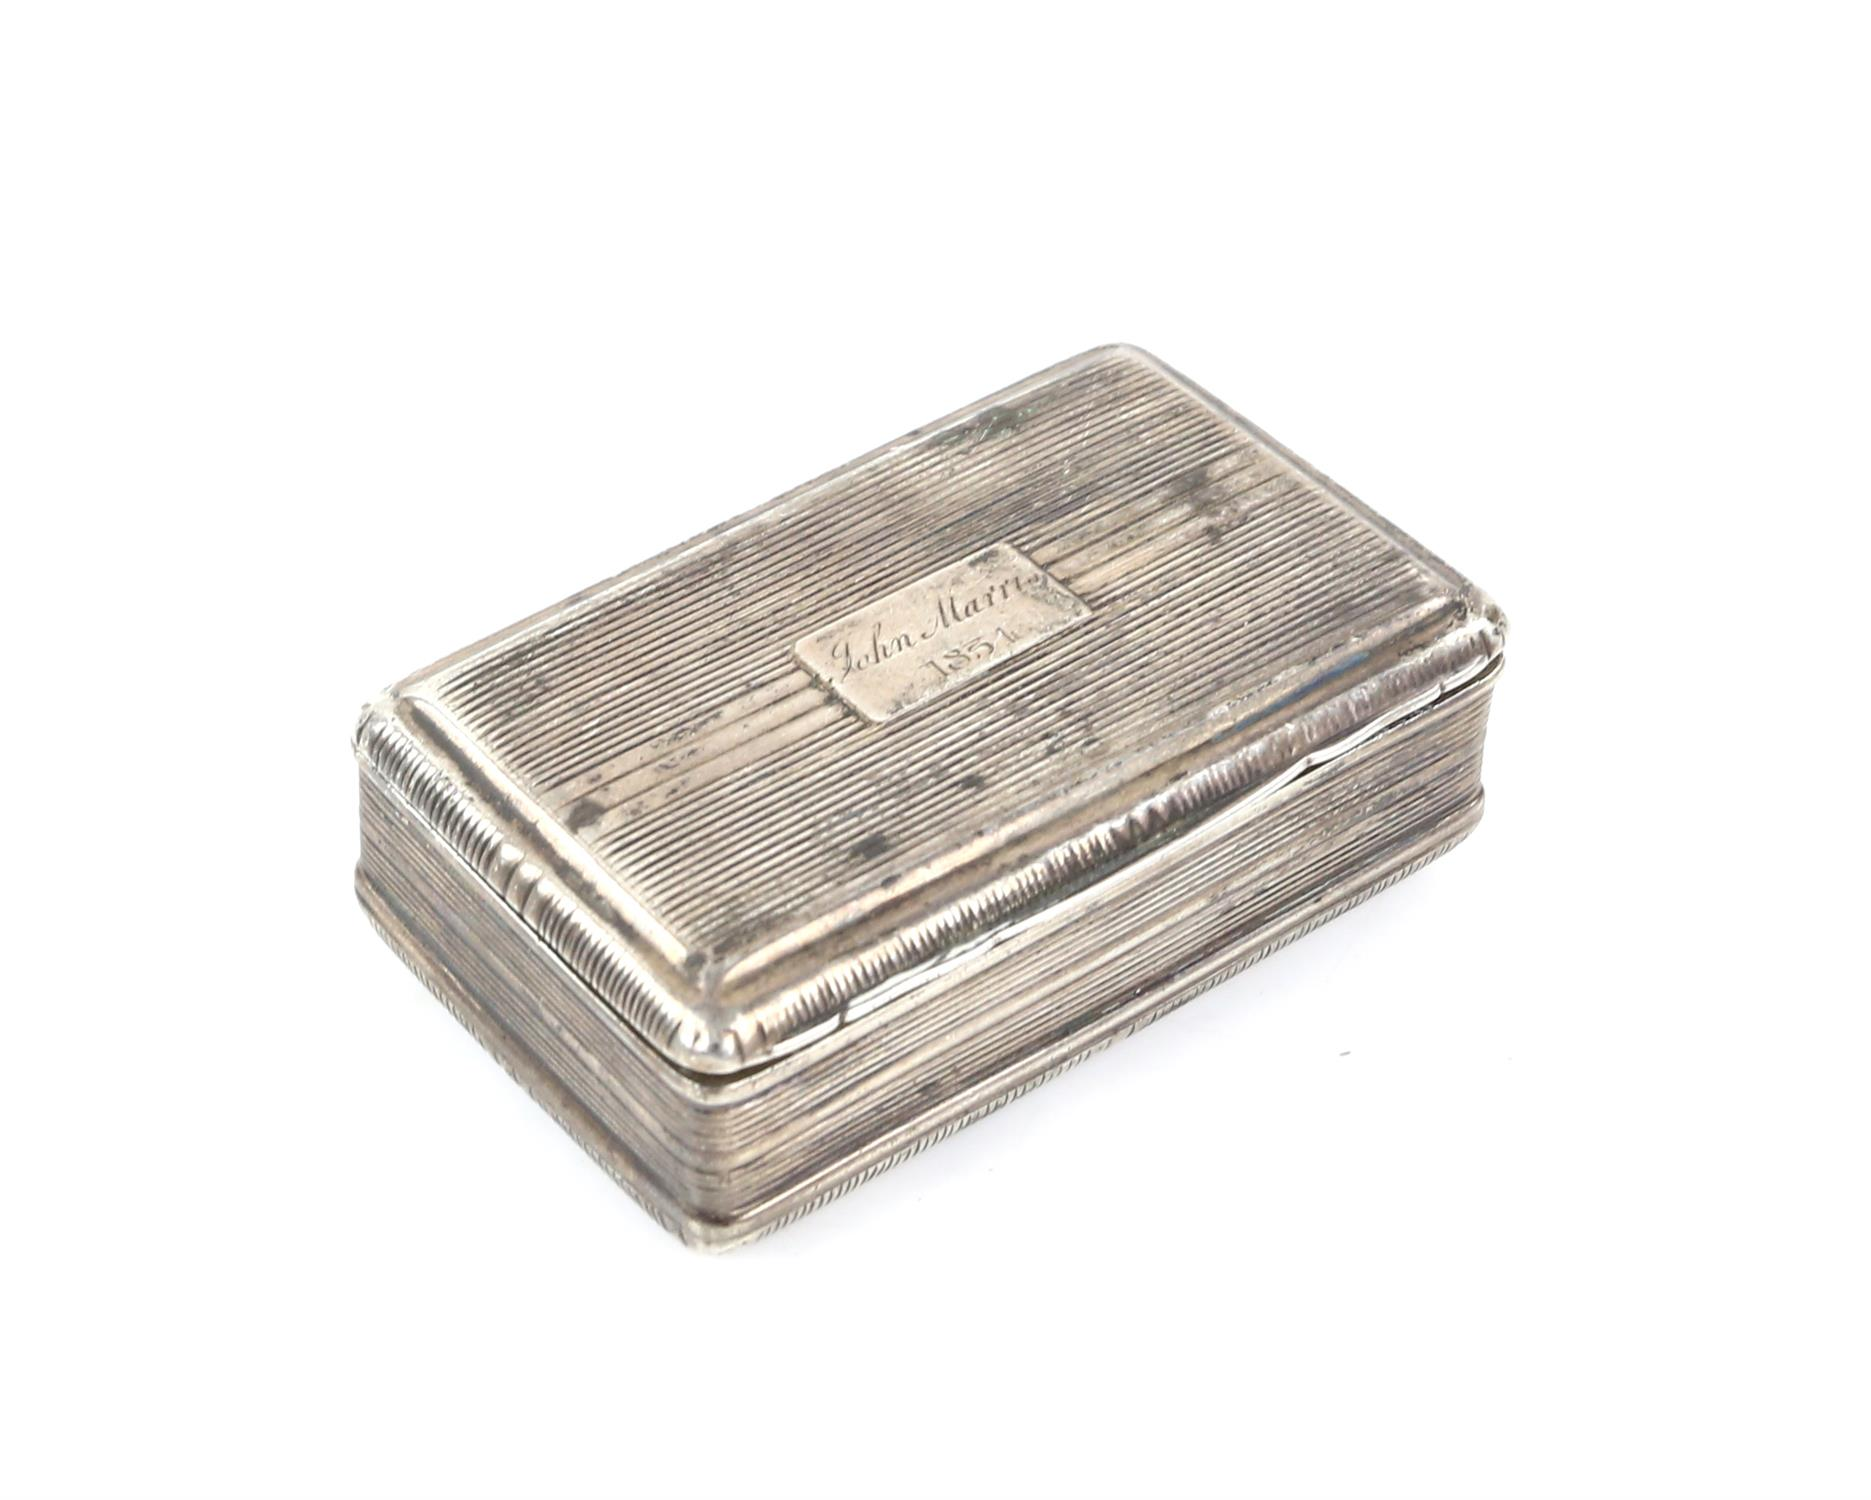 George III silver snuff box by John Shaw, Birmingham 1818, 6.5cm x 4cm x 2cm 2oz 66gm - Image 2 of 5